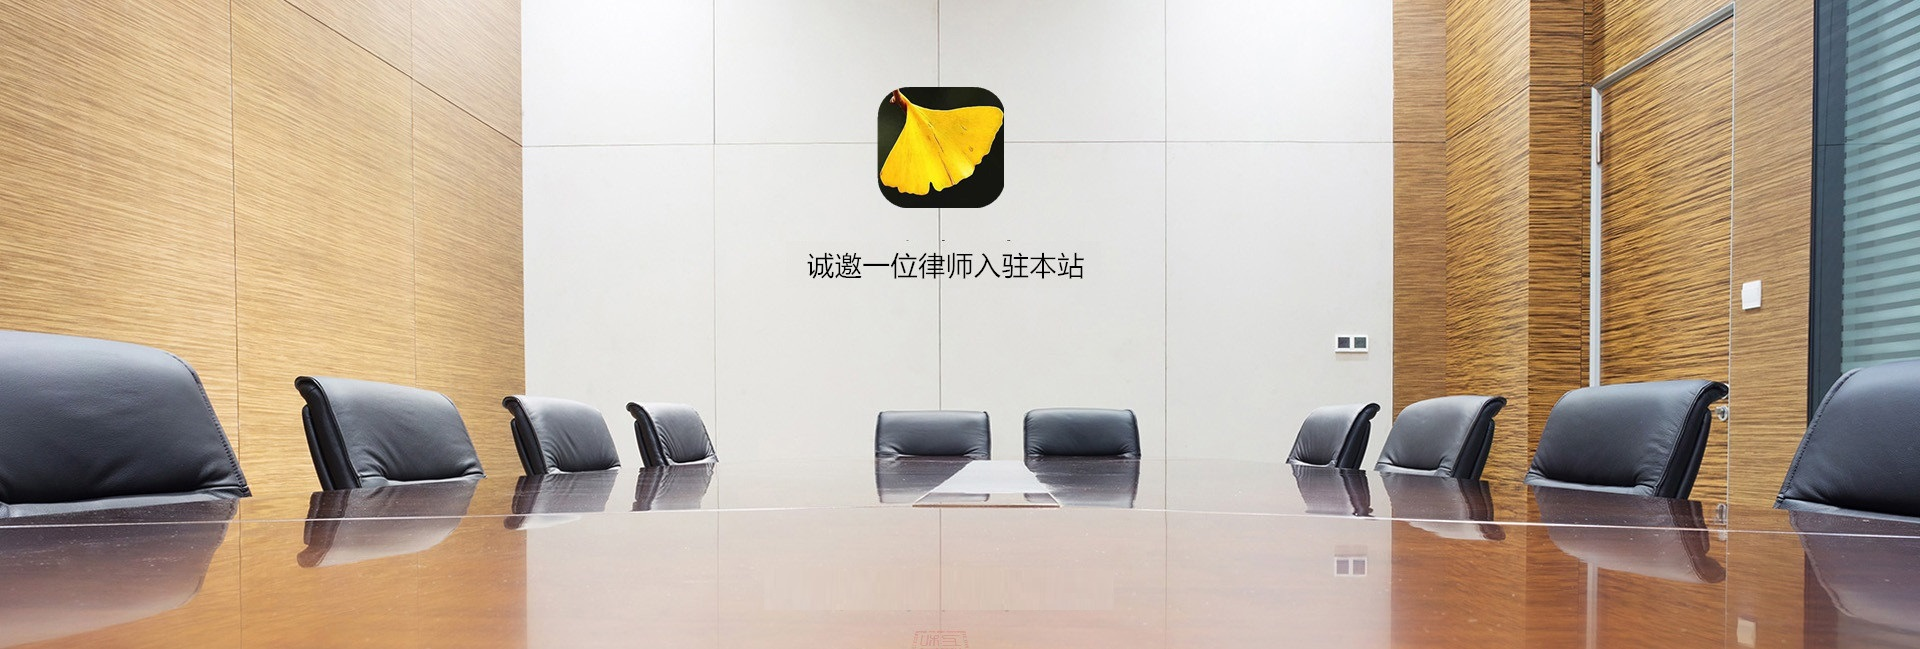 苏州离婚律师大图二